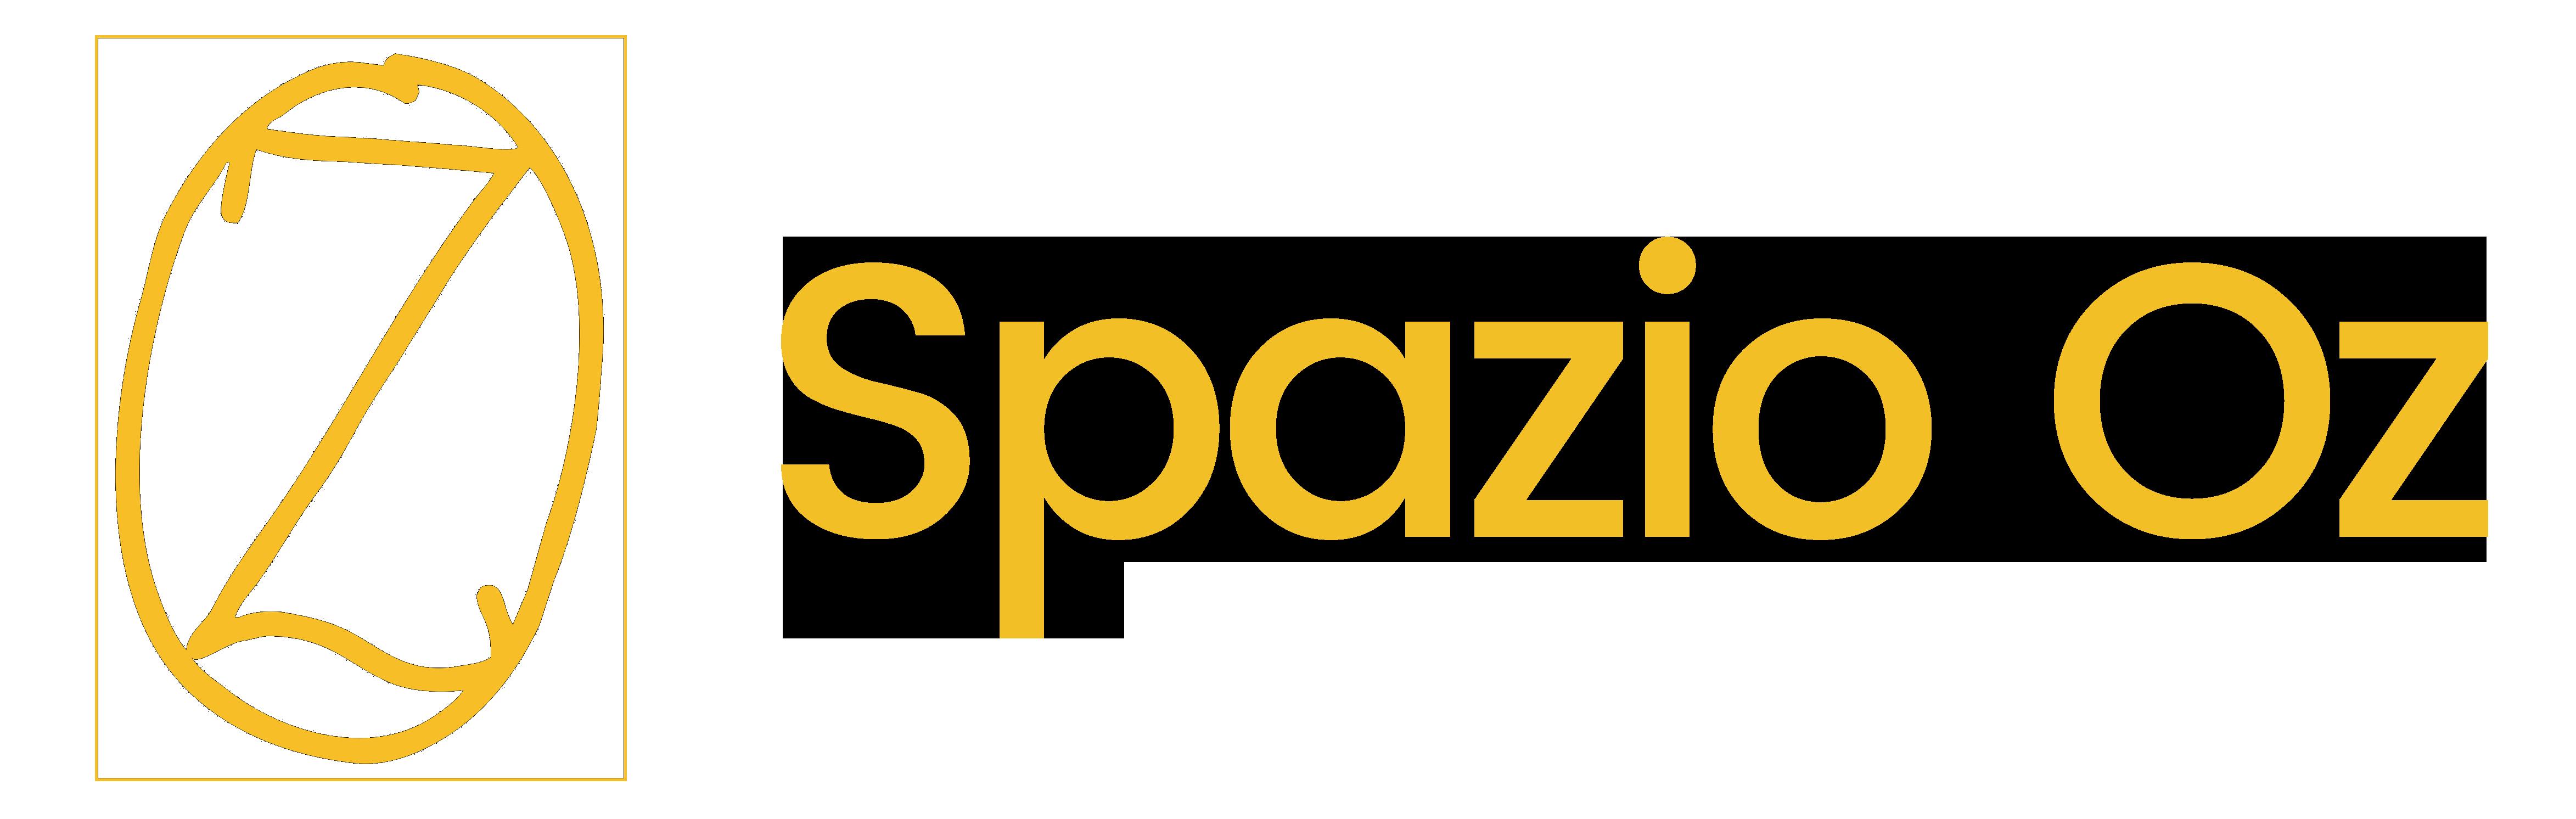 Spazio Oz